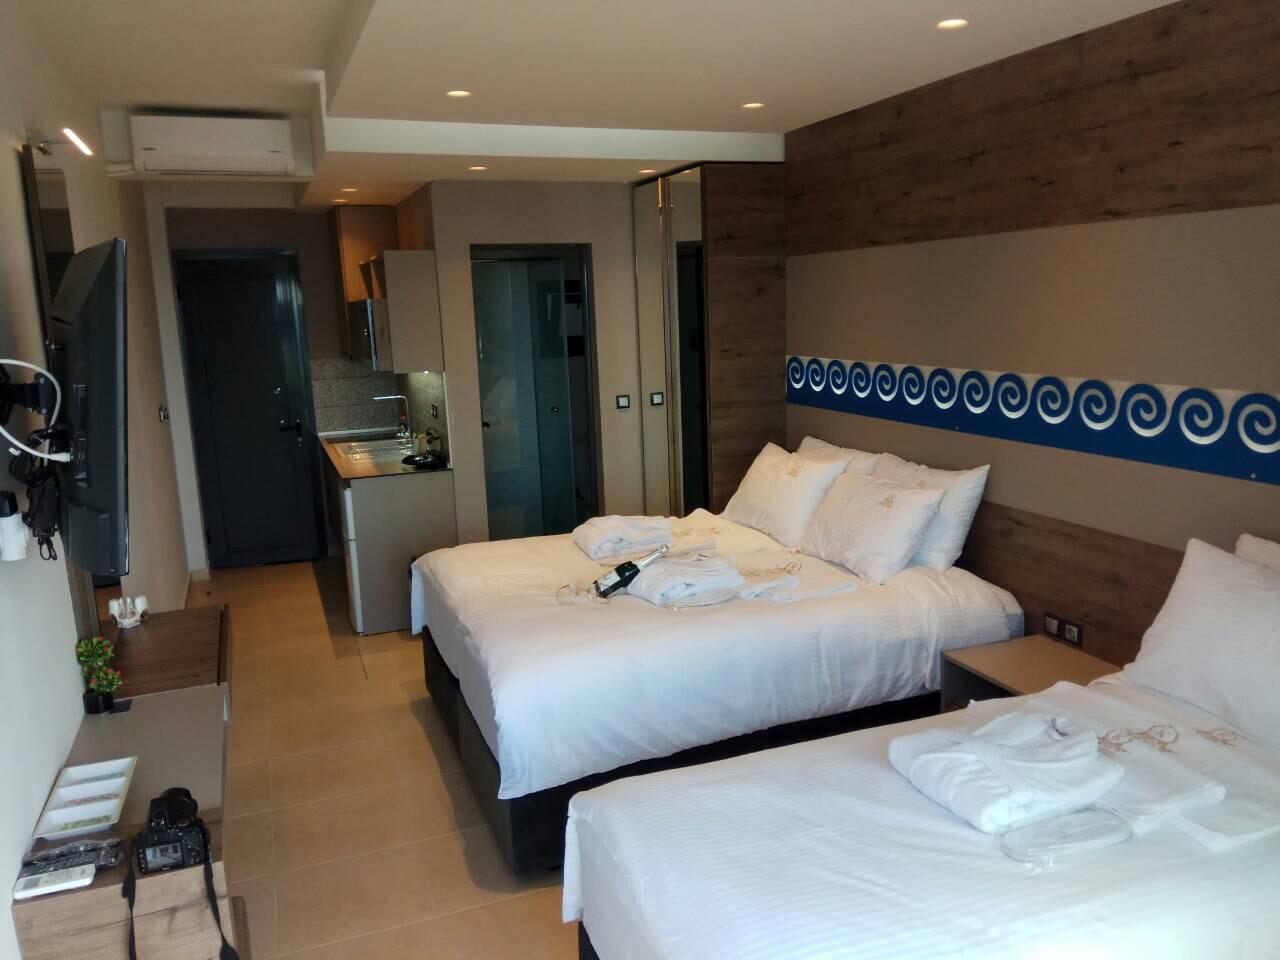 Grcka hoteli letovanje, Halkidiki, Nea Mudania,Katrin Luxury studios,pogled na sobu